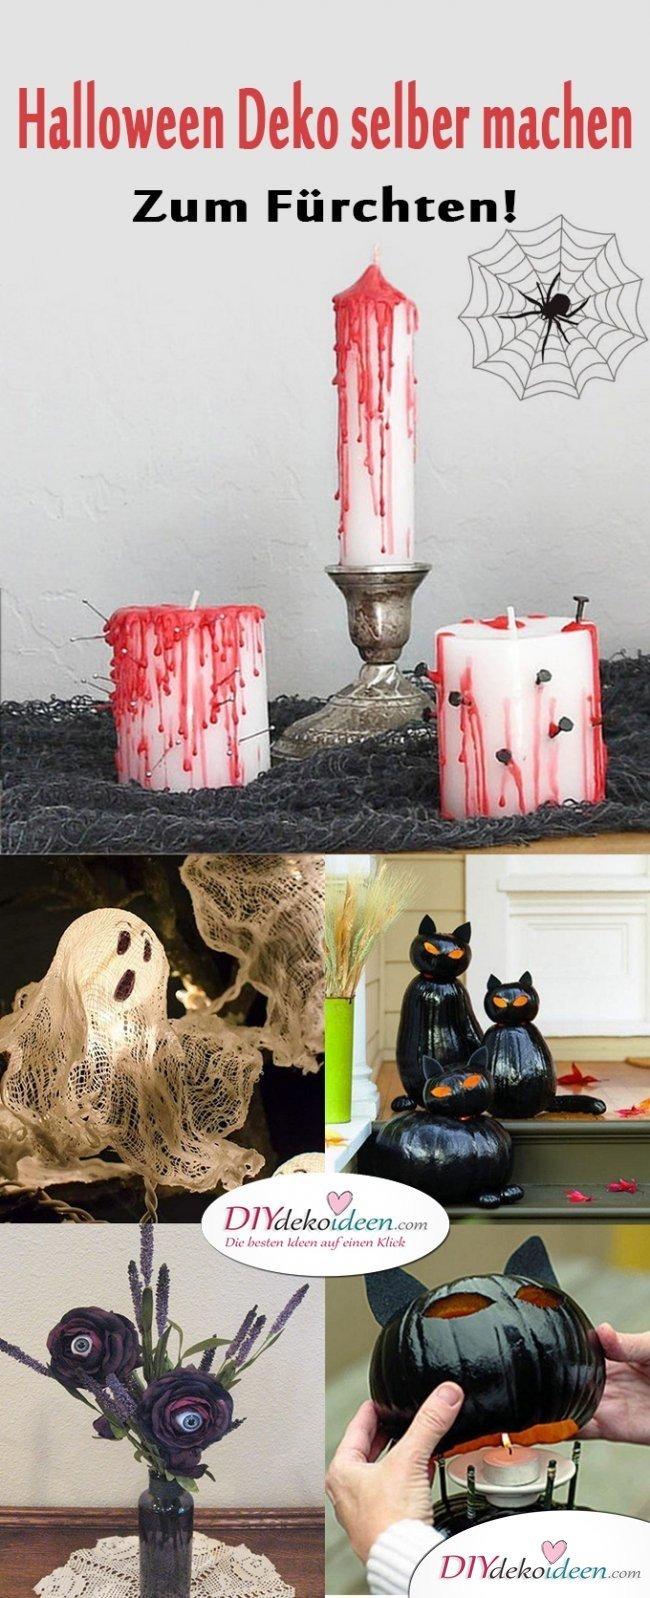 Zum Furchten Schrecklich Gruselige Halloween Deko Selber Machen